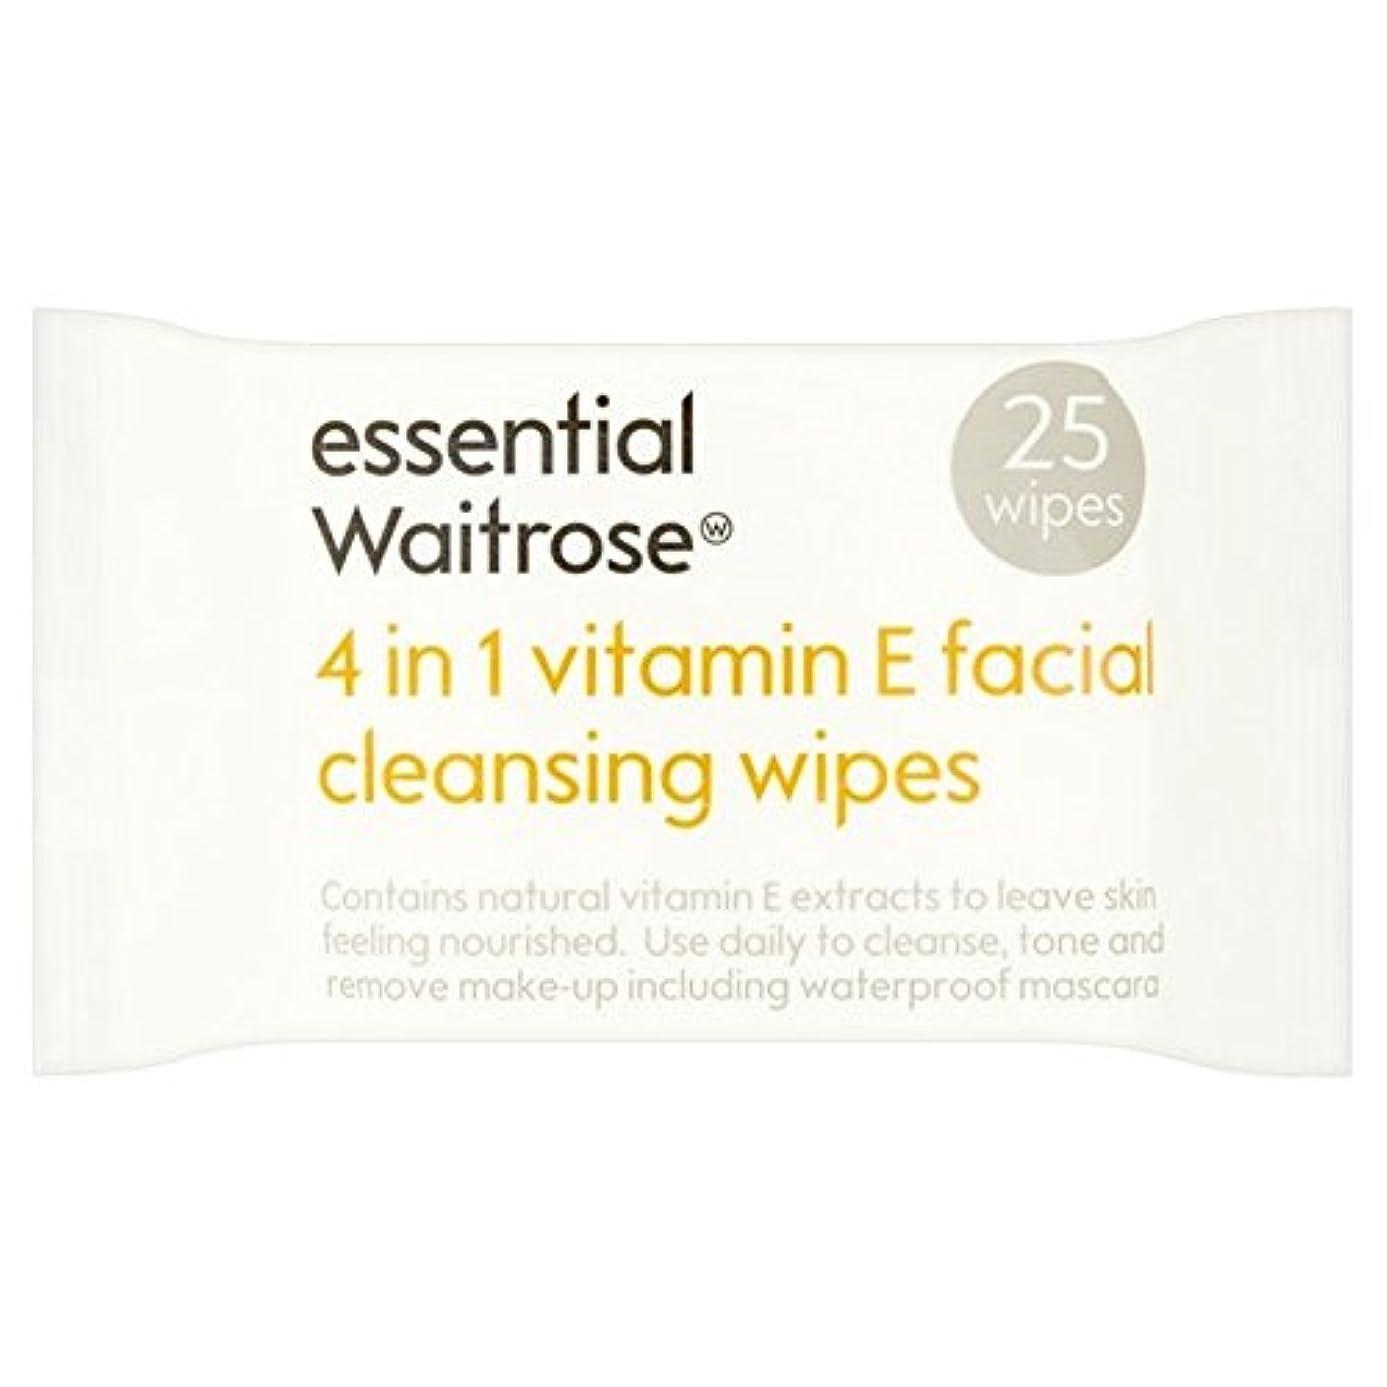 深める強盗クアッガ1つのクレンジングで4不可欠パックあたりのビタミンウェイトローズ25ワイプ x4 - Essential 4 in 1 Cleansing Wipes Vitamin E Waitrose 25 per pack (Pack...